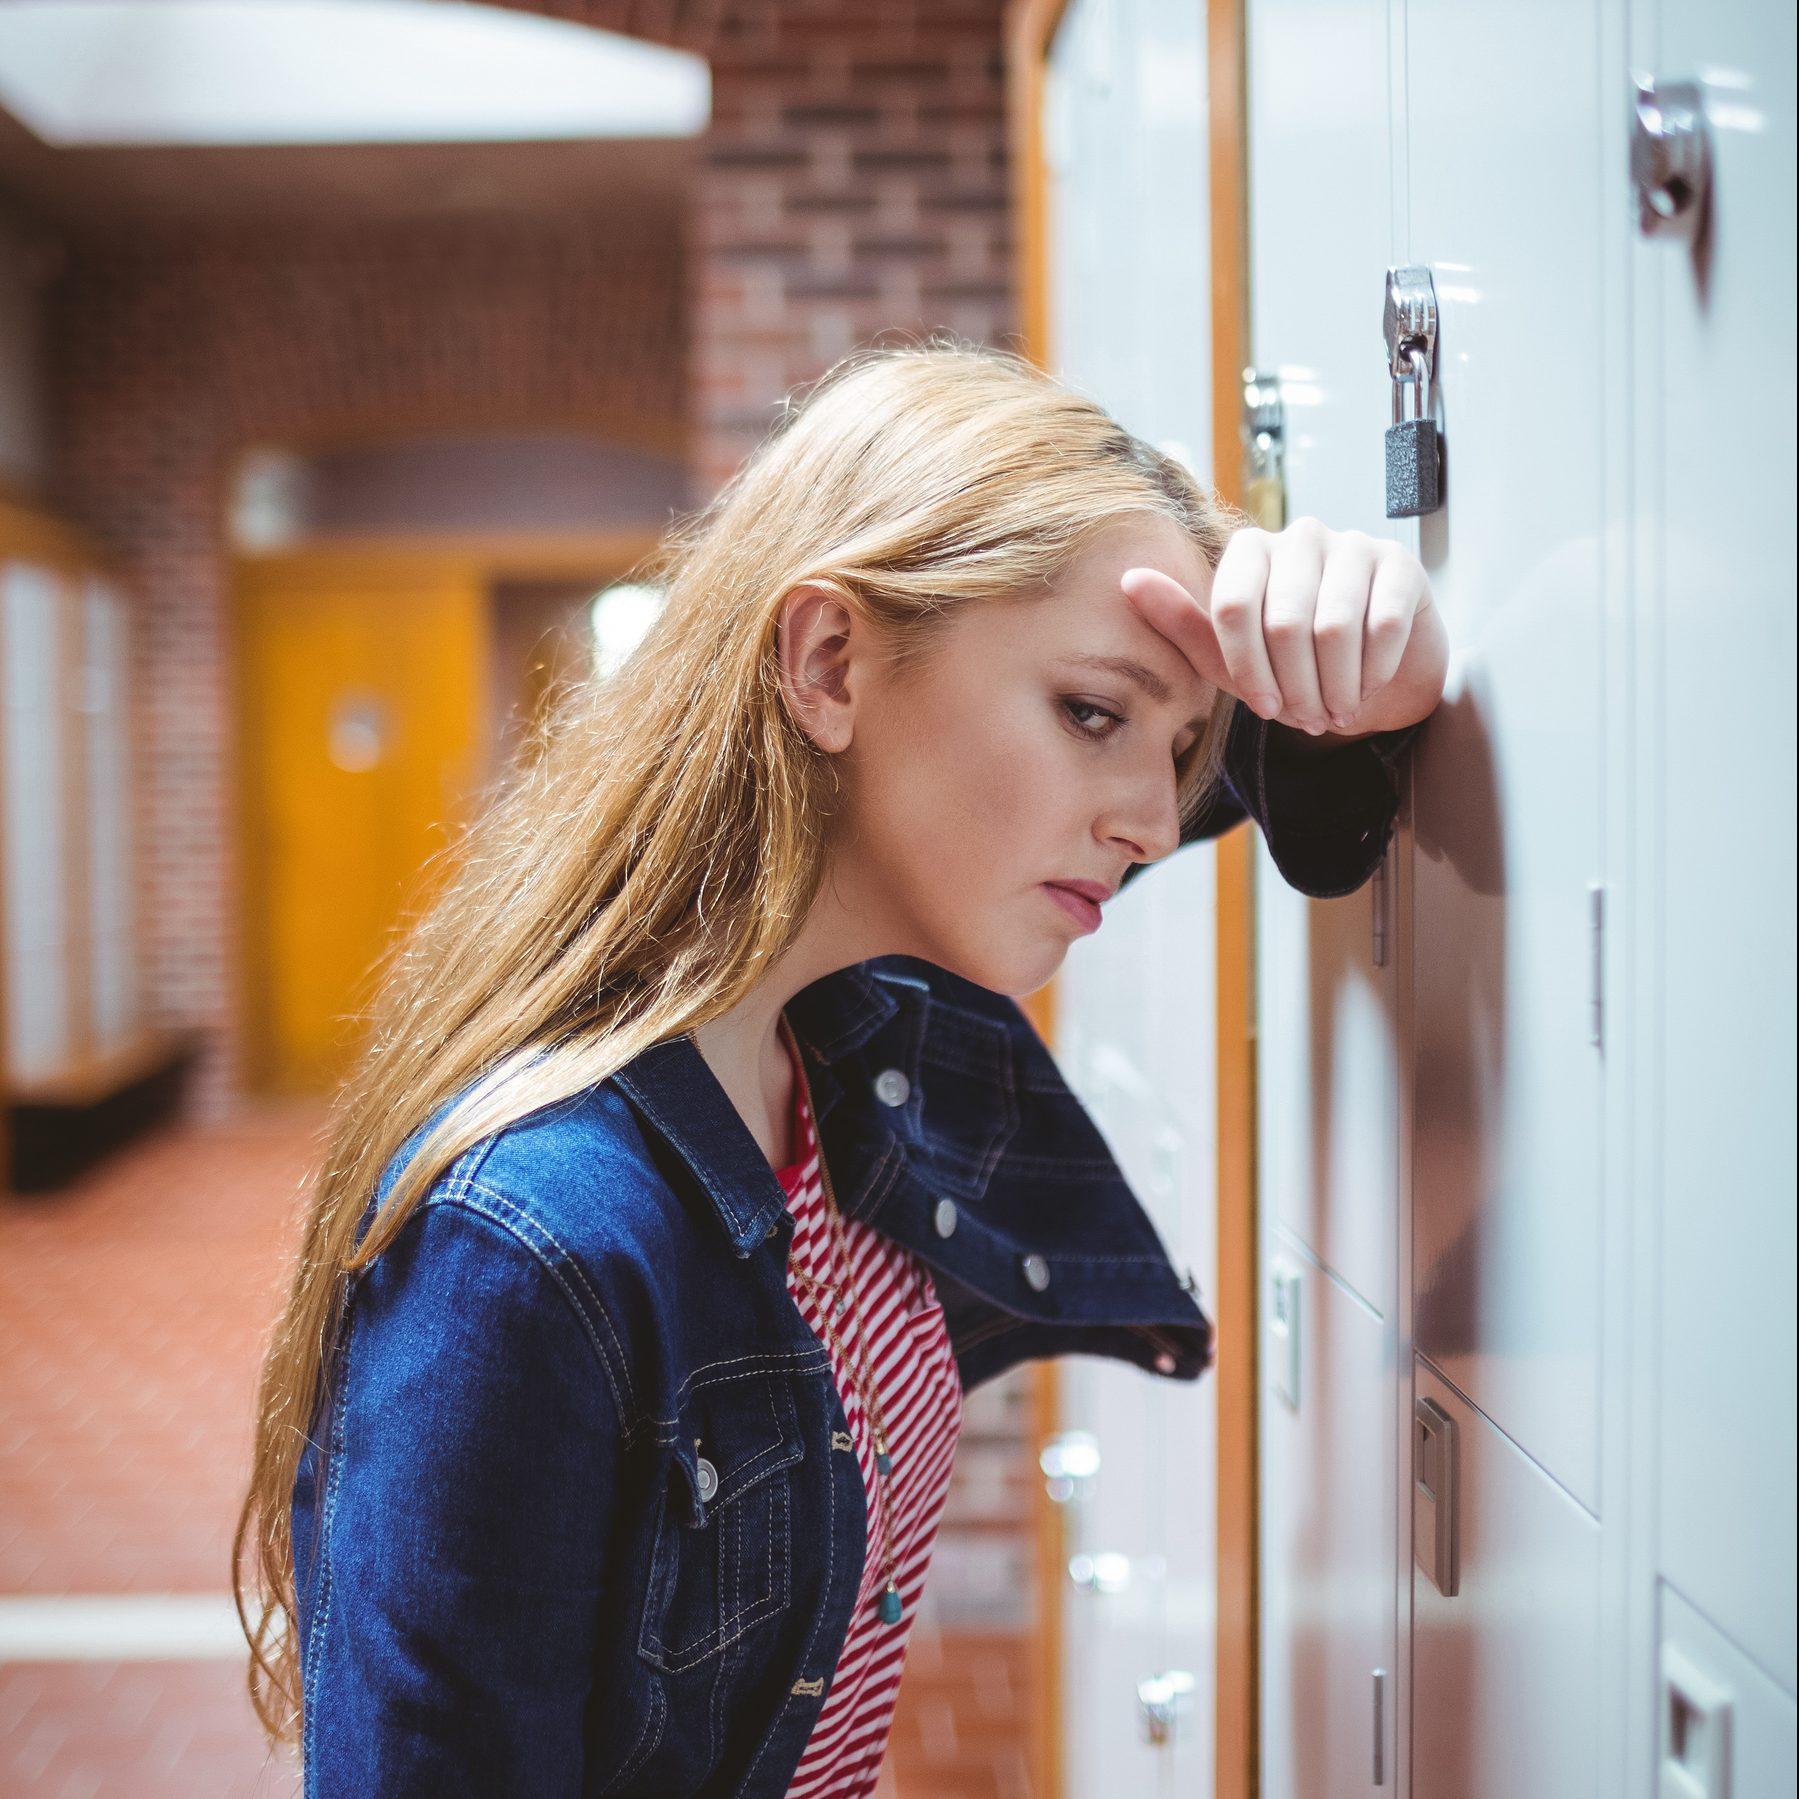 Ung pige nervøs for eksamen på grund af eksamensangst